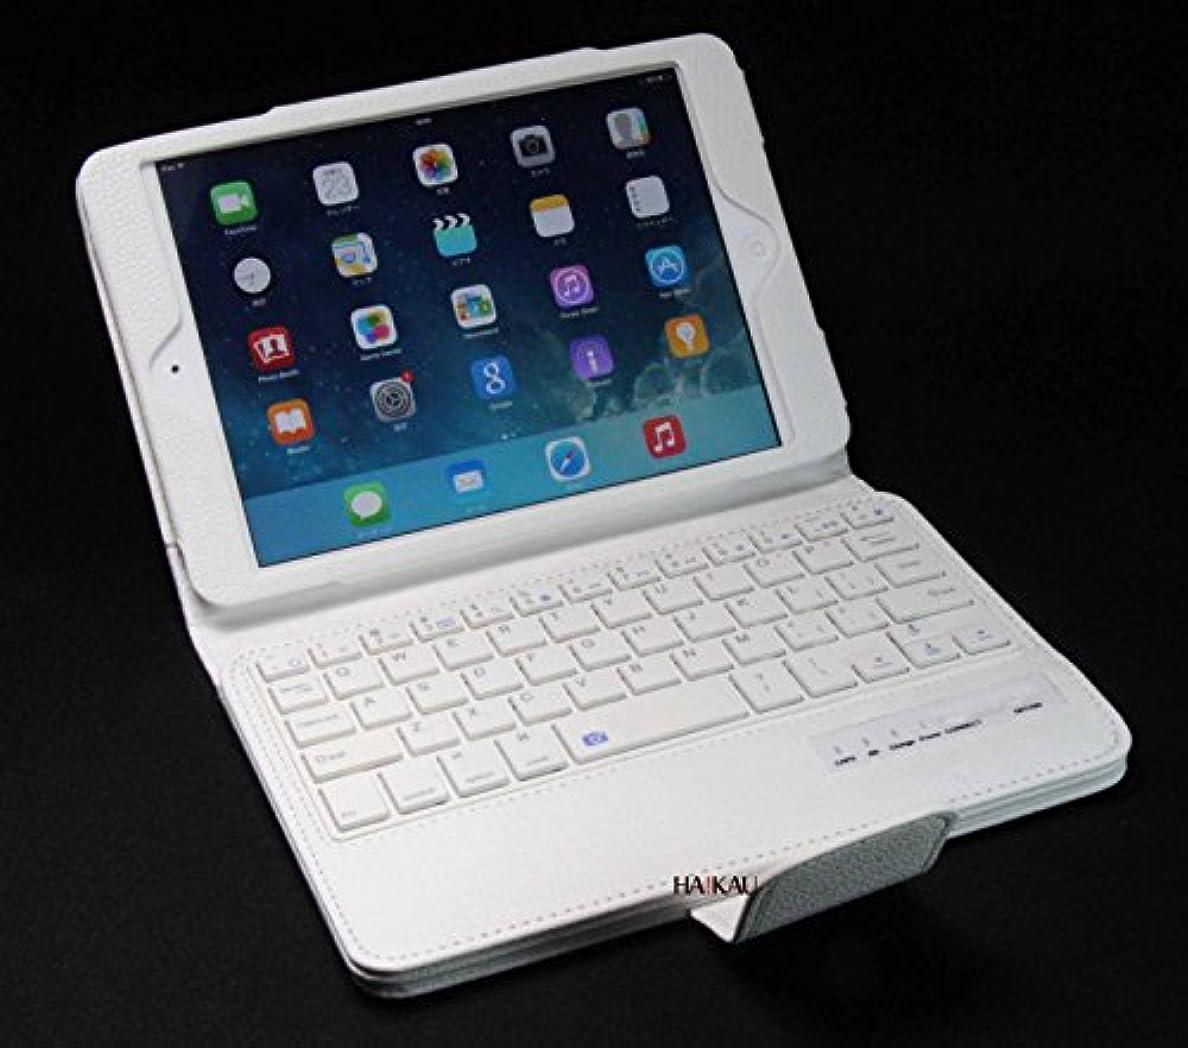 こねるくちばし嬉しいです【HAIKAU】 iPad mini4 / mini3 / mini2 / mini 兼用 ワイヤレスキーボード内蔵ソフトレザーケース 分離型 Bluetooth Keyborad 日本語操作説明書付き ホワイト